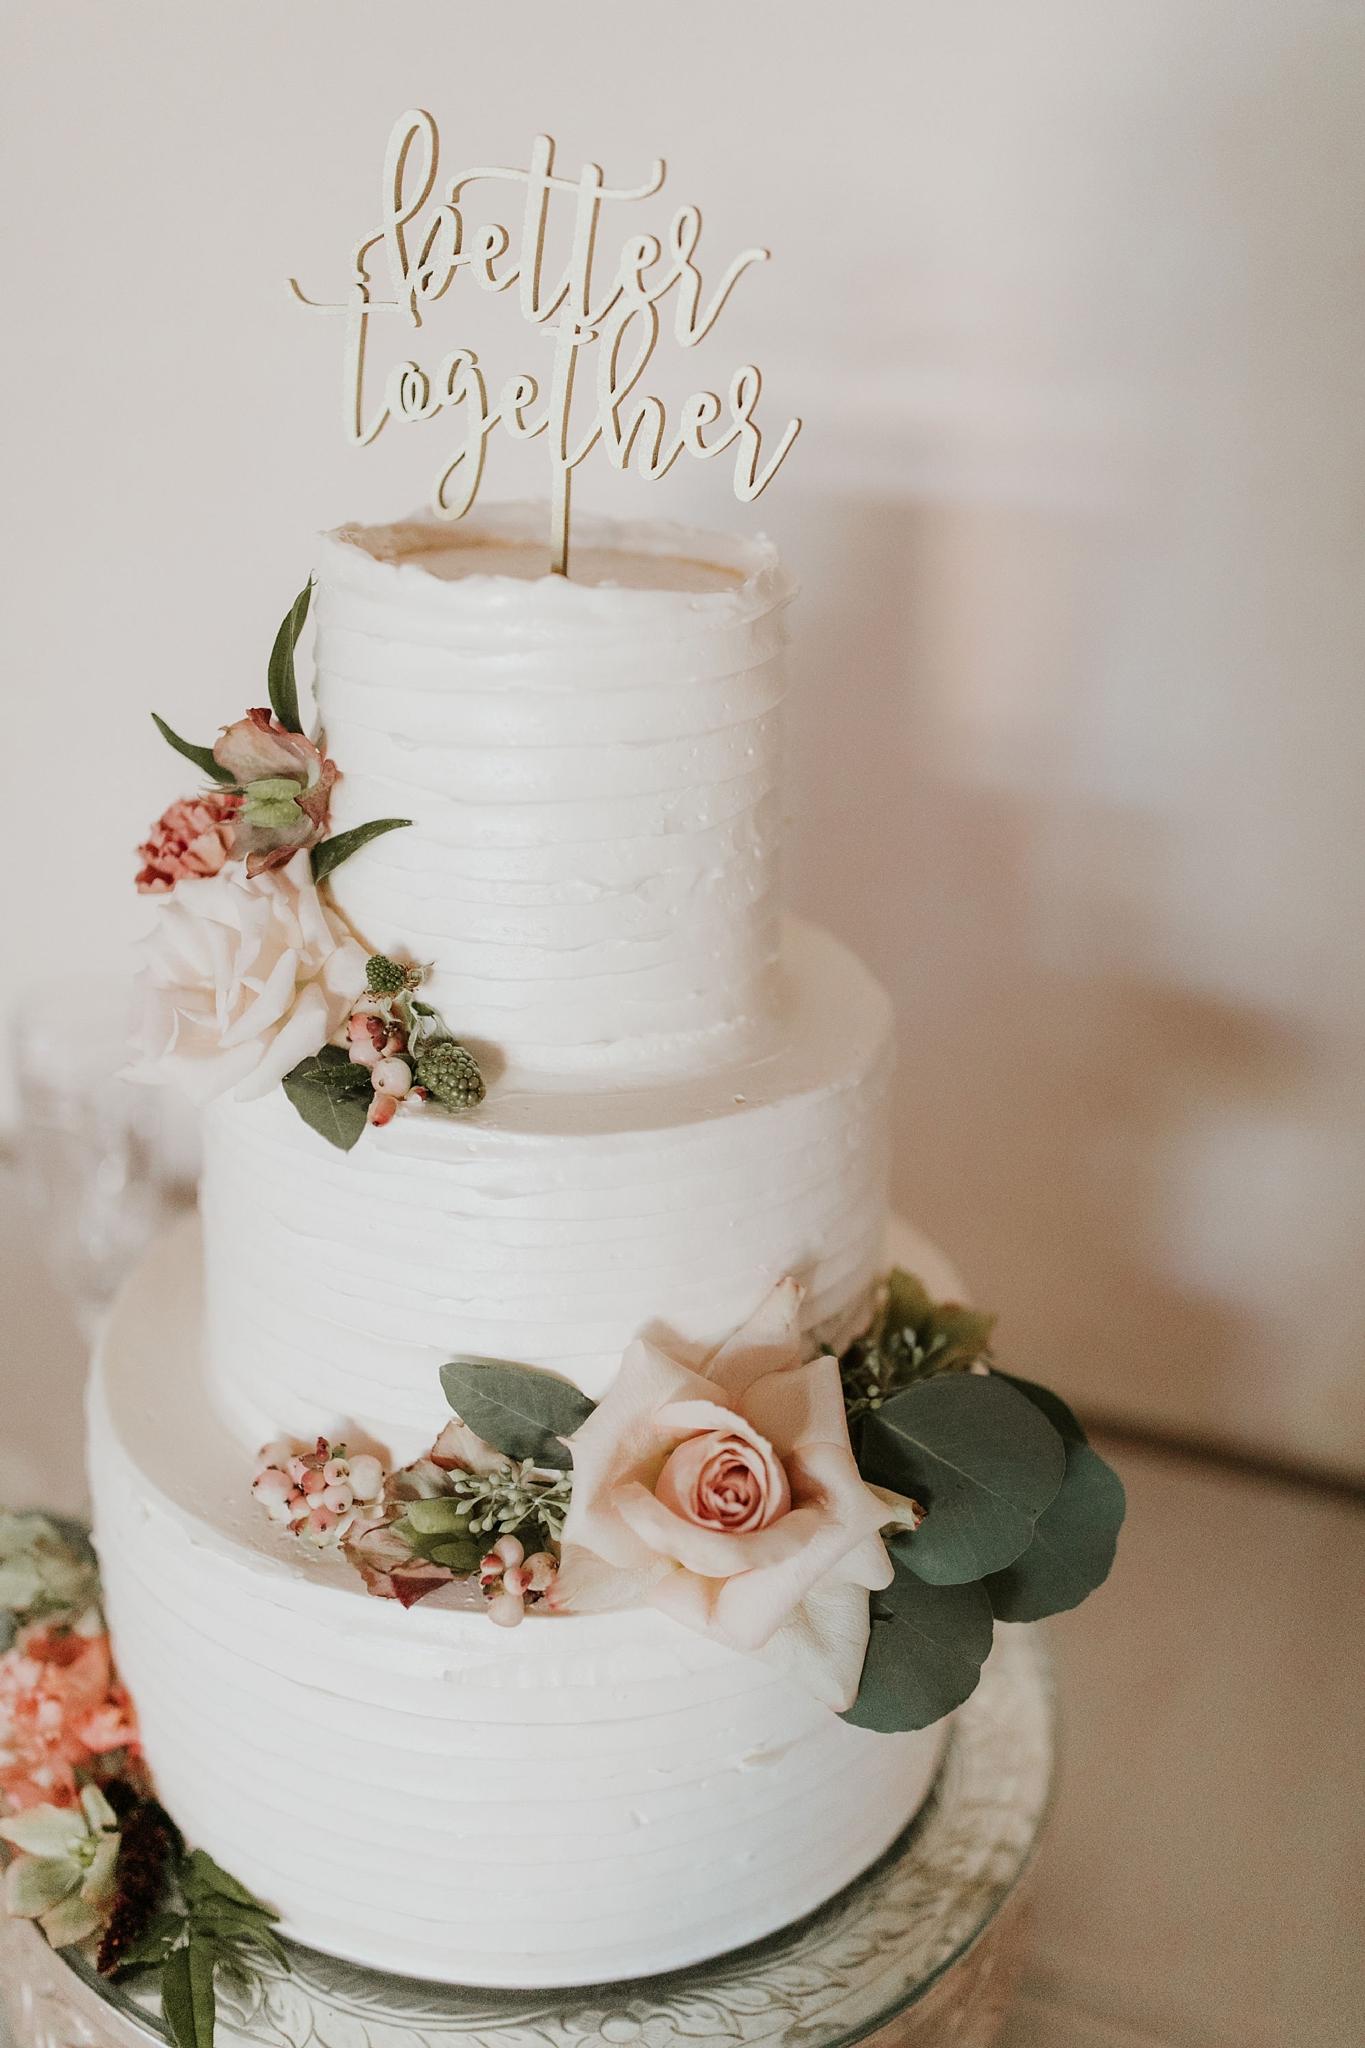 Alicia+lucia+photography+-+albuquerque+wedding+photographer+-+santa+fe+wedding+photography+-+new+mexico+wedding+photographer+-+wedding+reception+-+wedding+cake+-+wedding+sweets+-+maggies+cakes_0013.jpg